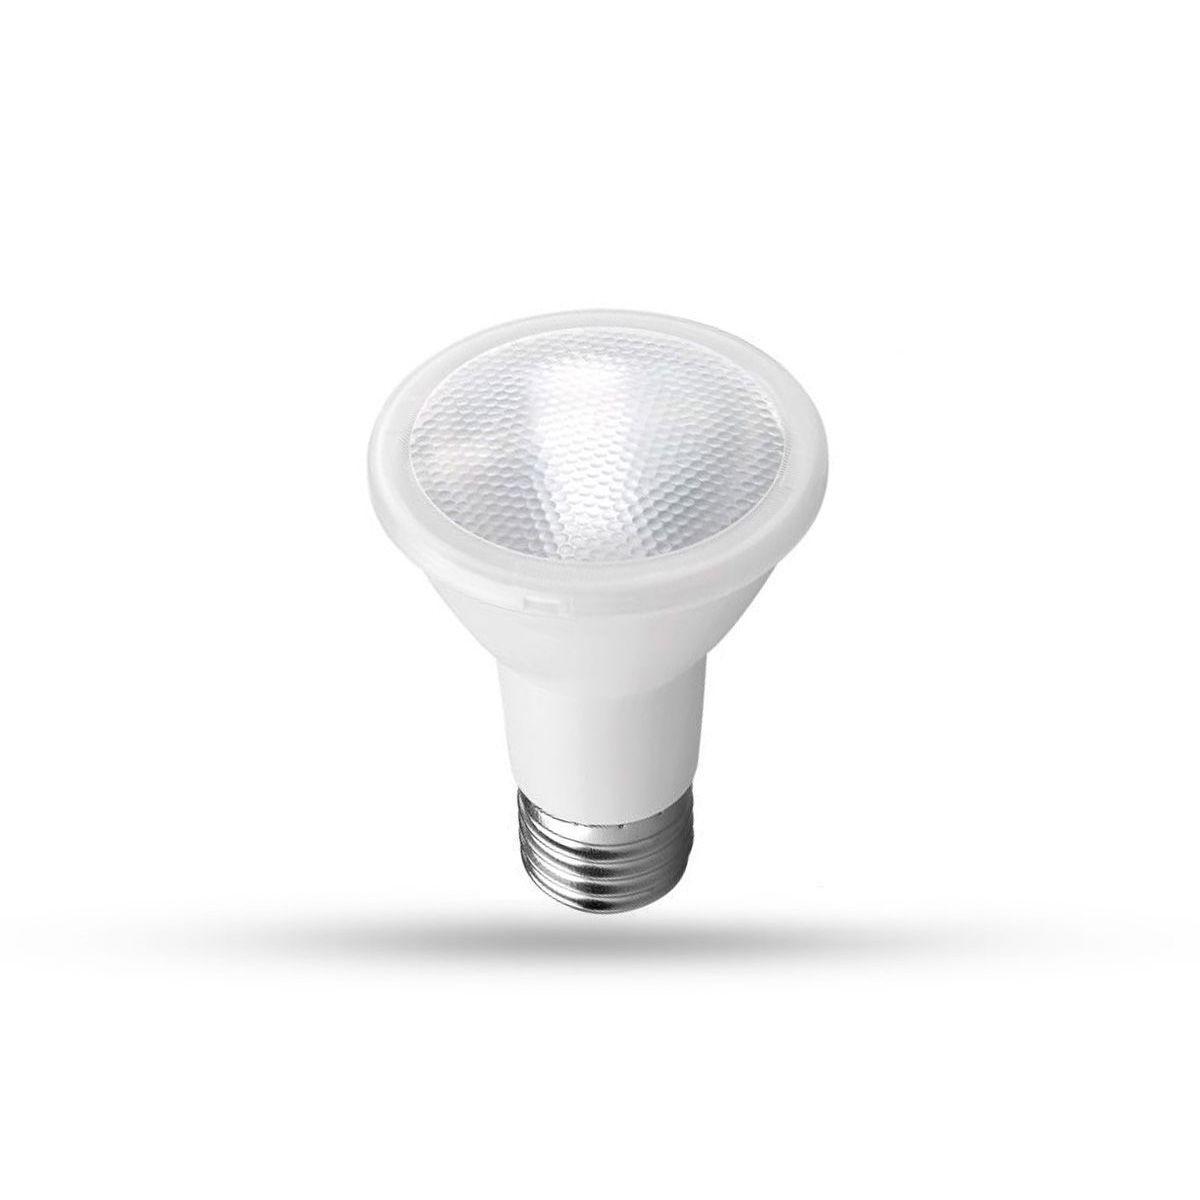 3x Luminária Spot Refletor Cênico Cinema Par20 + Lâmpada Brinde